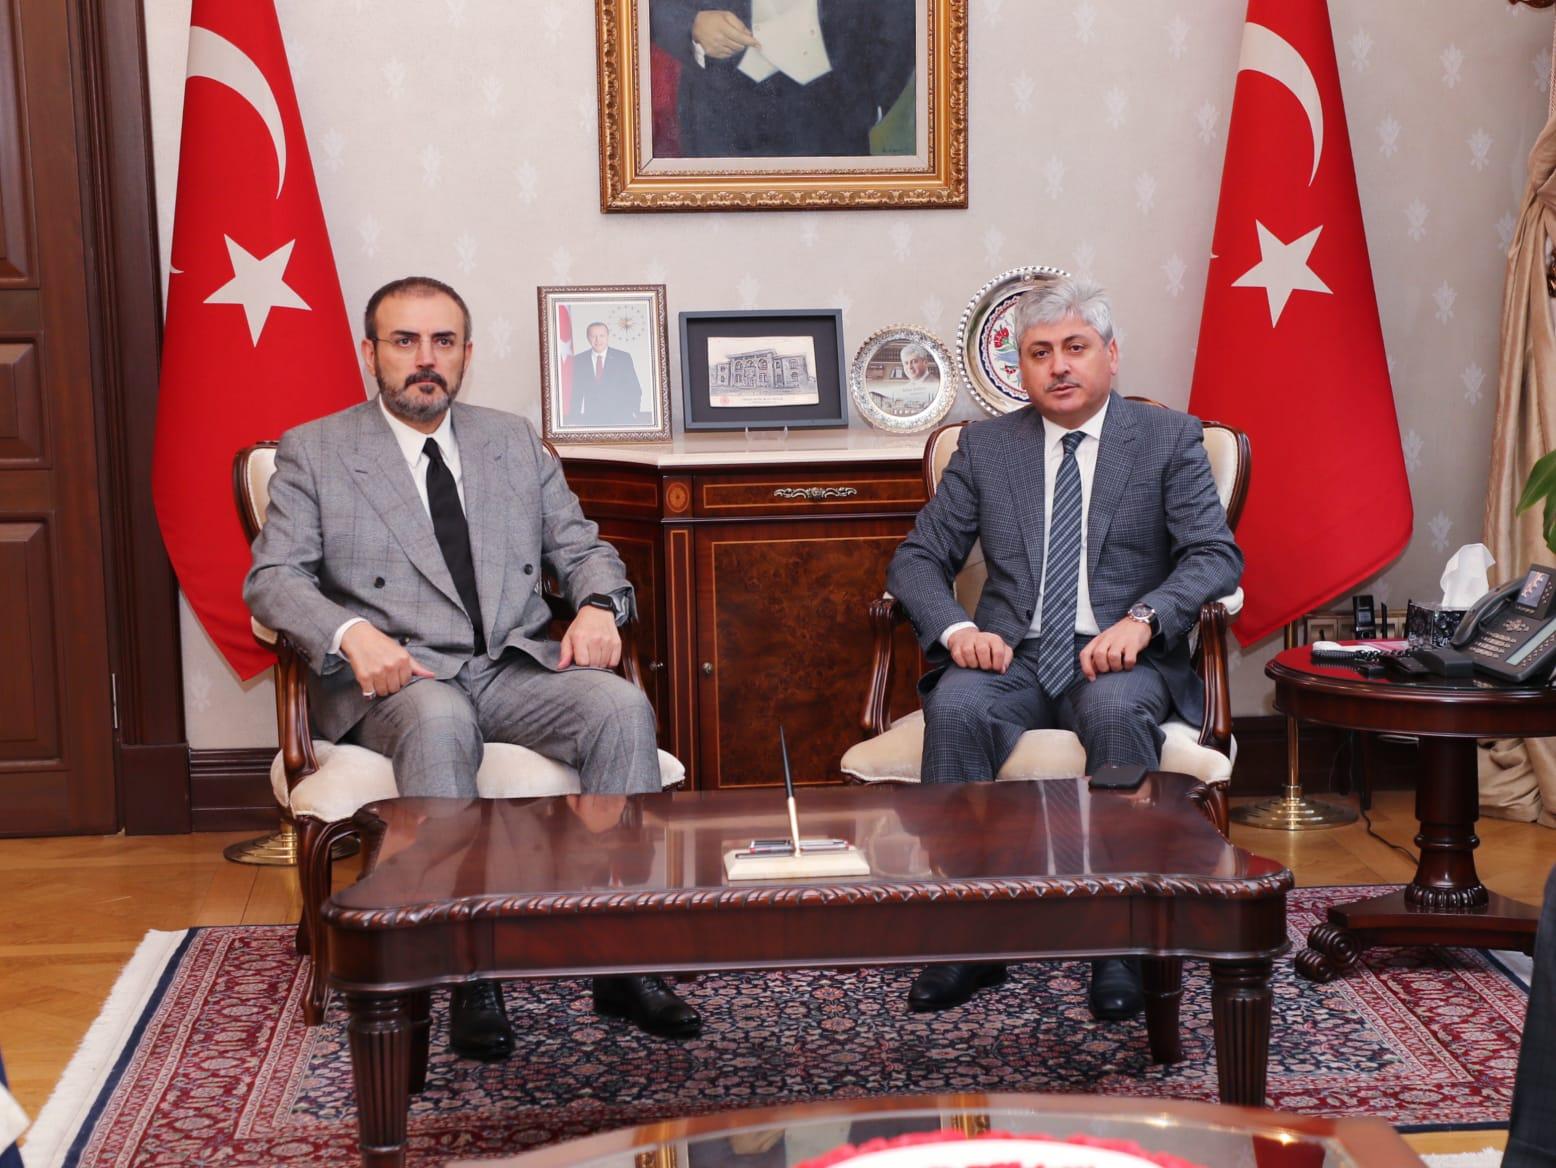 AK Parti Genel Başkan Yardımcısı Ünal'dan Vali Doğan'a Ziyaret